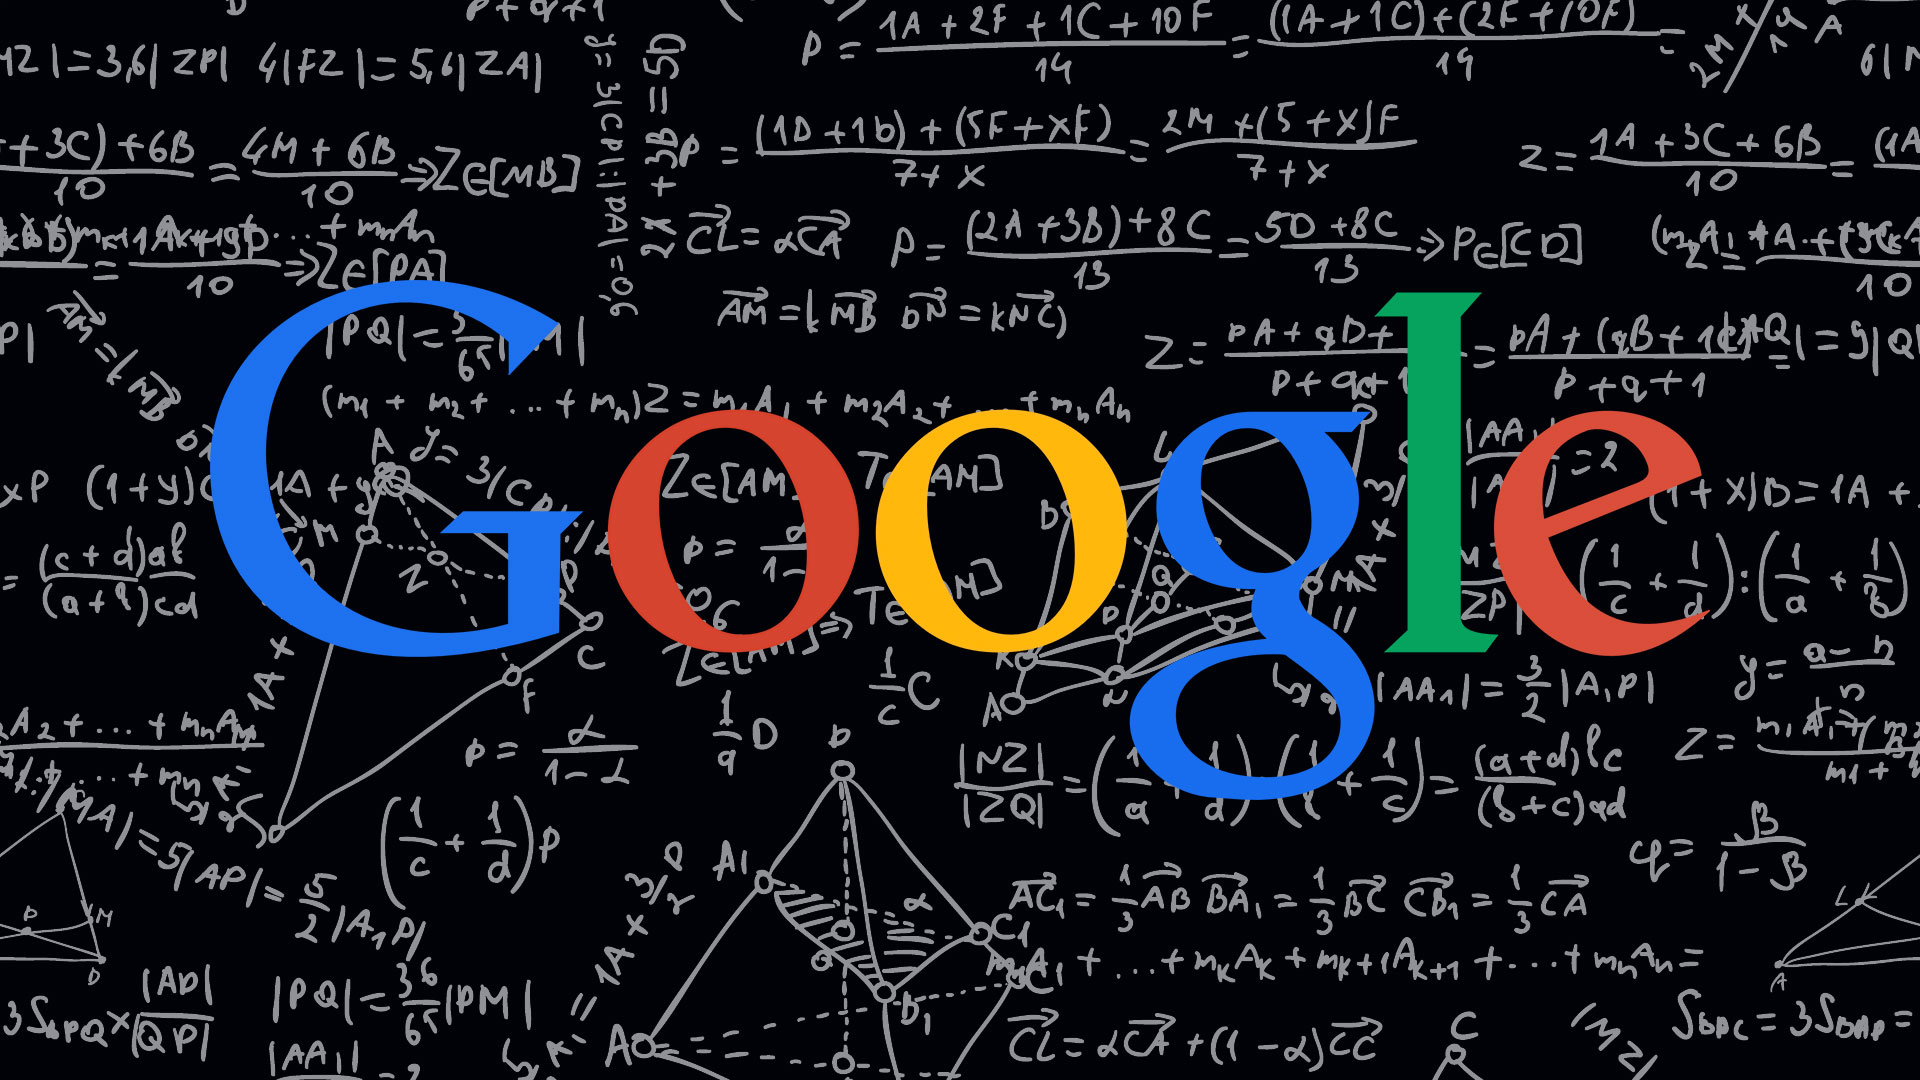 Aggiornamenti Algoritmo di Google - Timeline